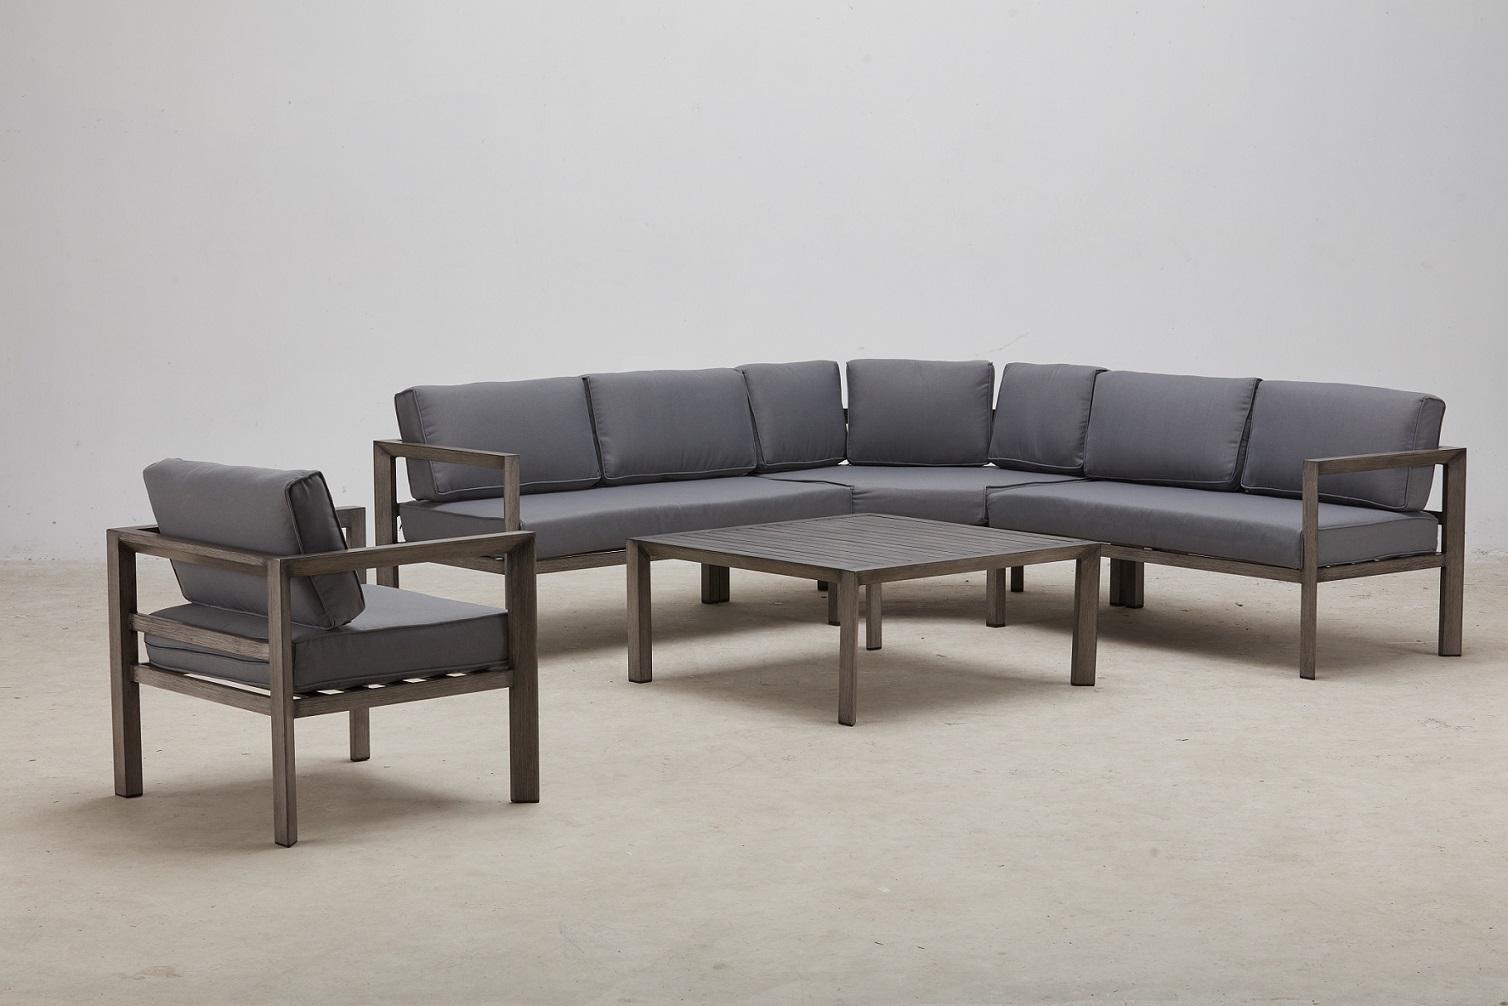 סלון אלומיניום פינתי דגם VEGAS כולל כורסא בודד צבע ברוש